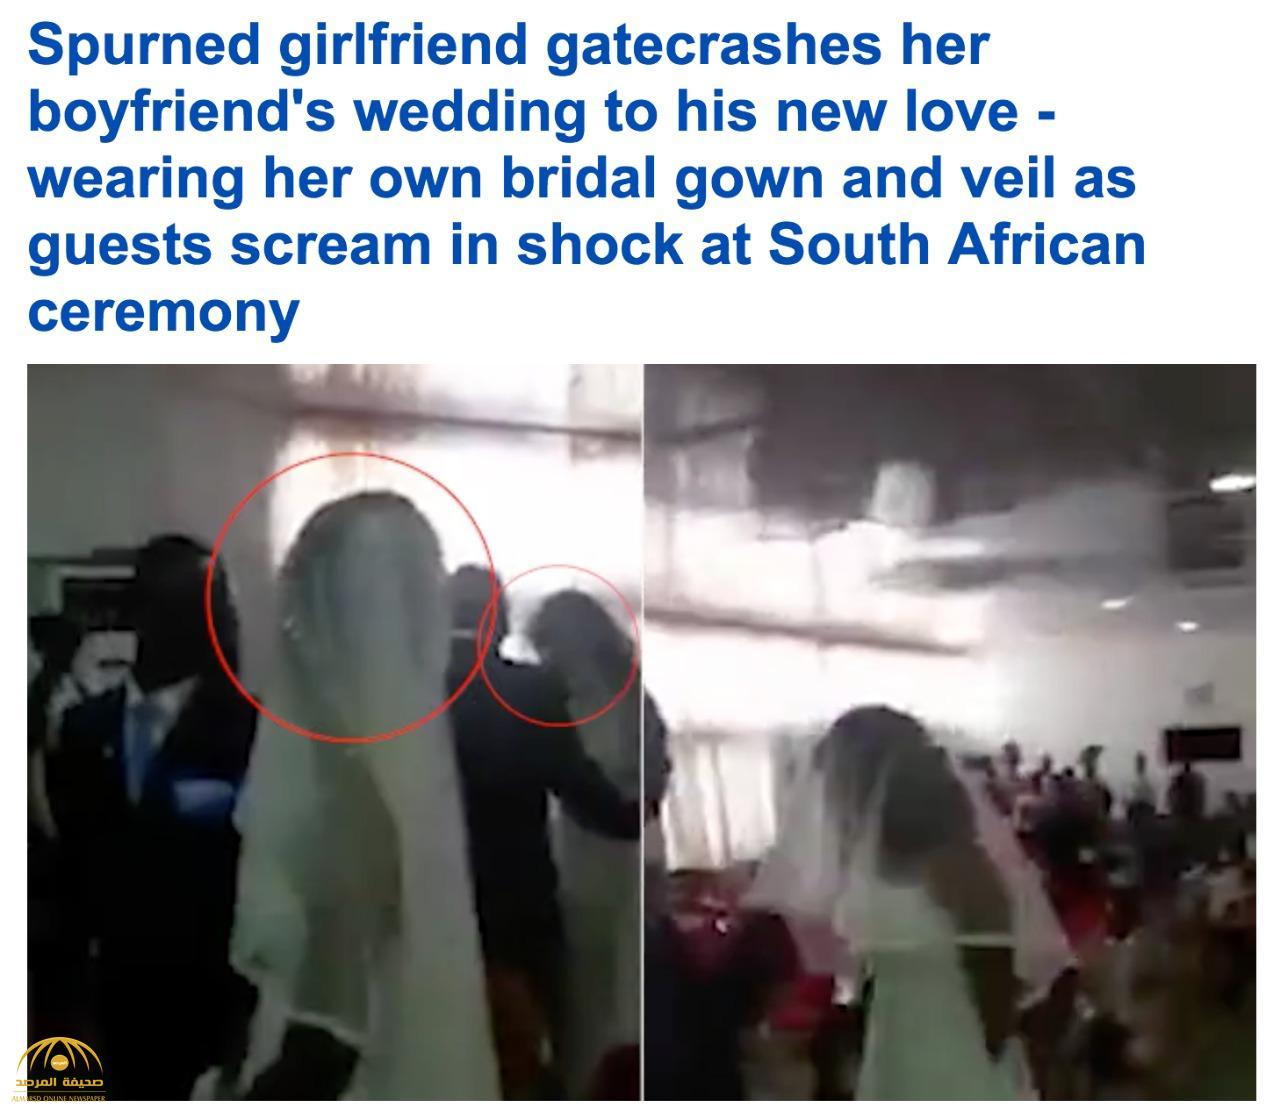 """موقف صادم .. شاهد كيف فاجأت امرأة """"عشيقها"""" أثناء حفل زواجه بأخرى!"""